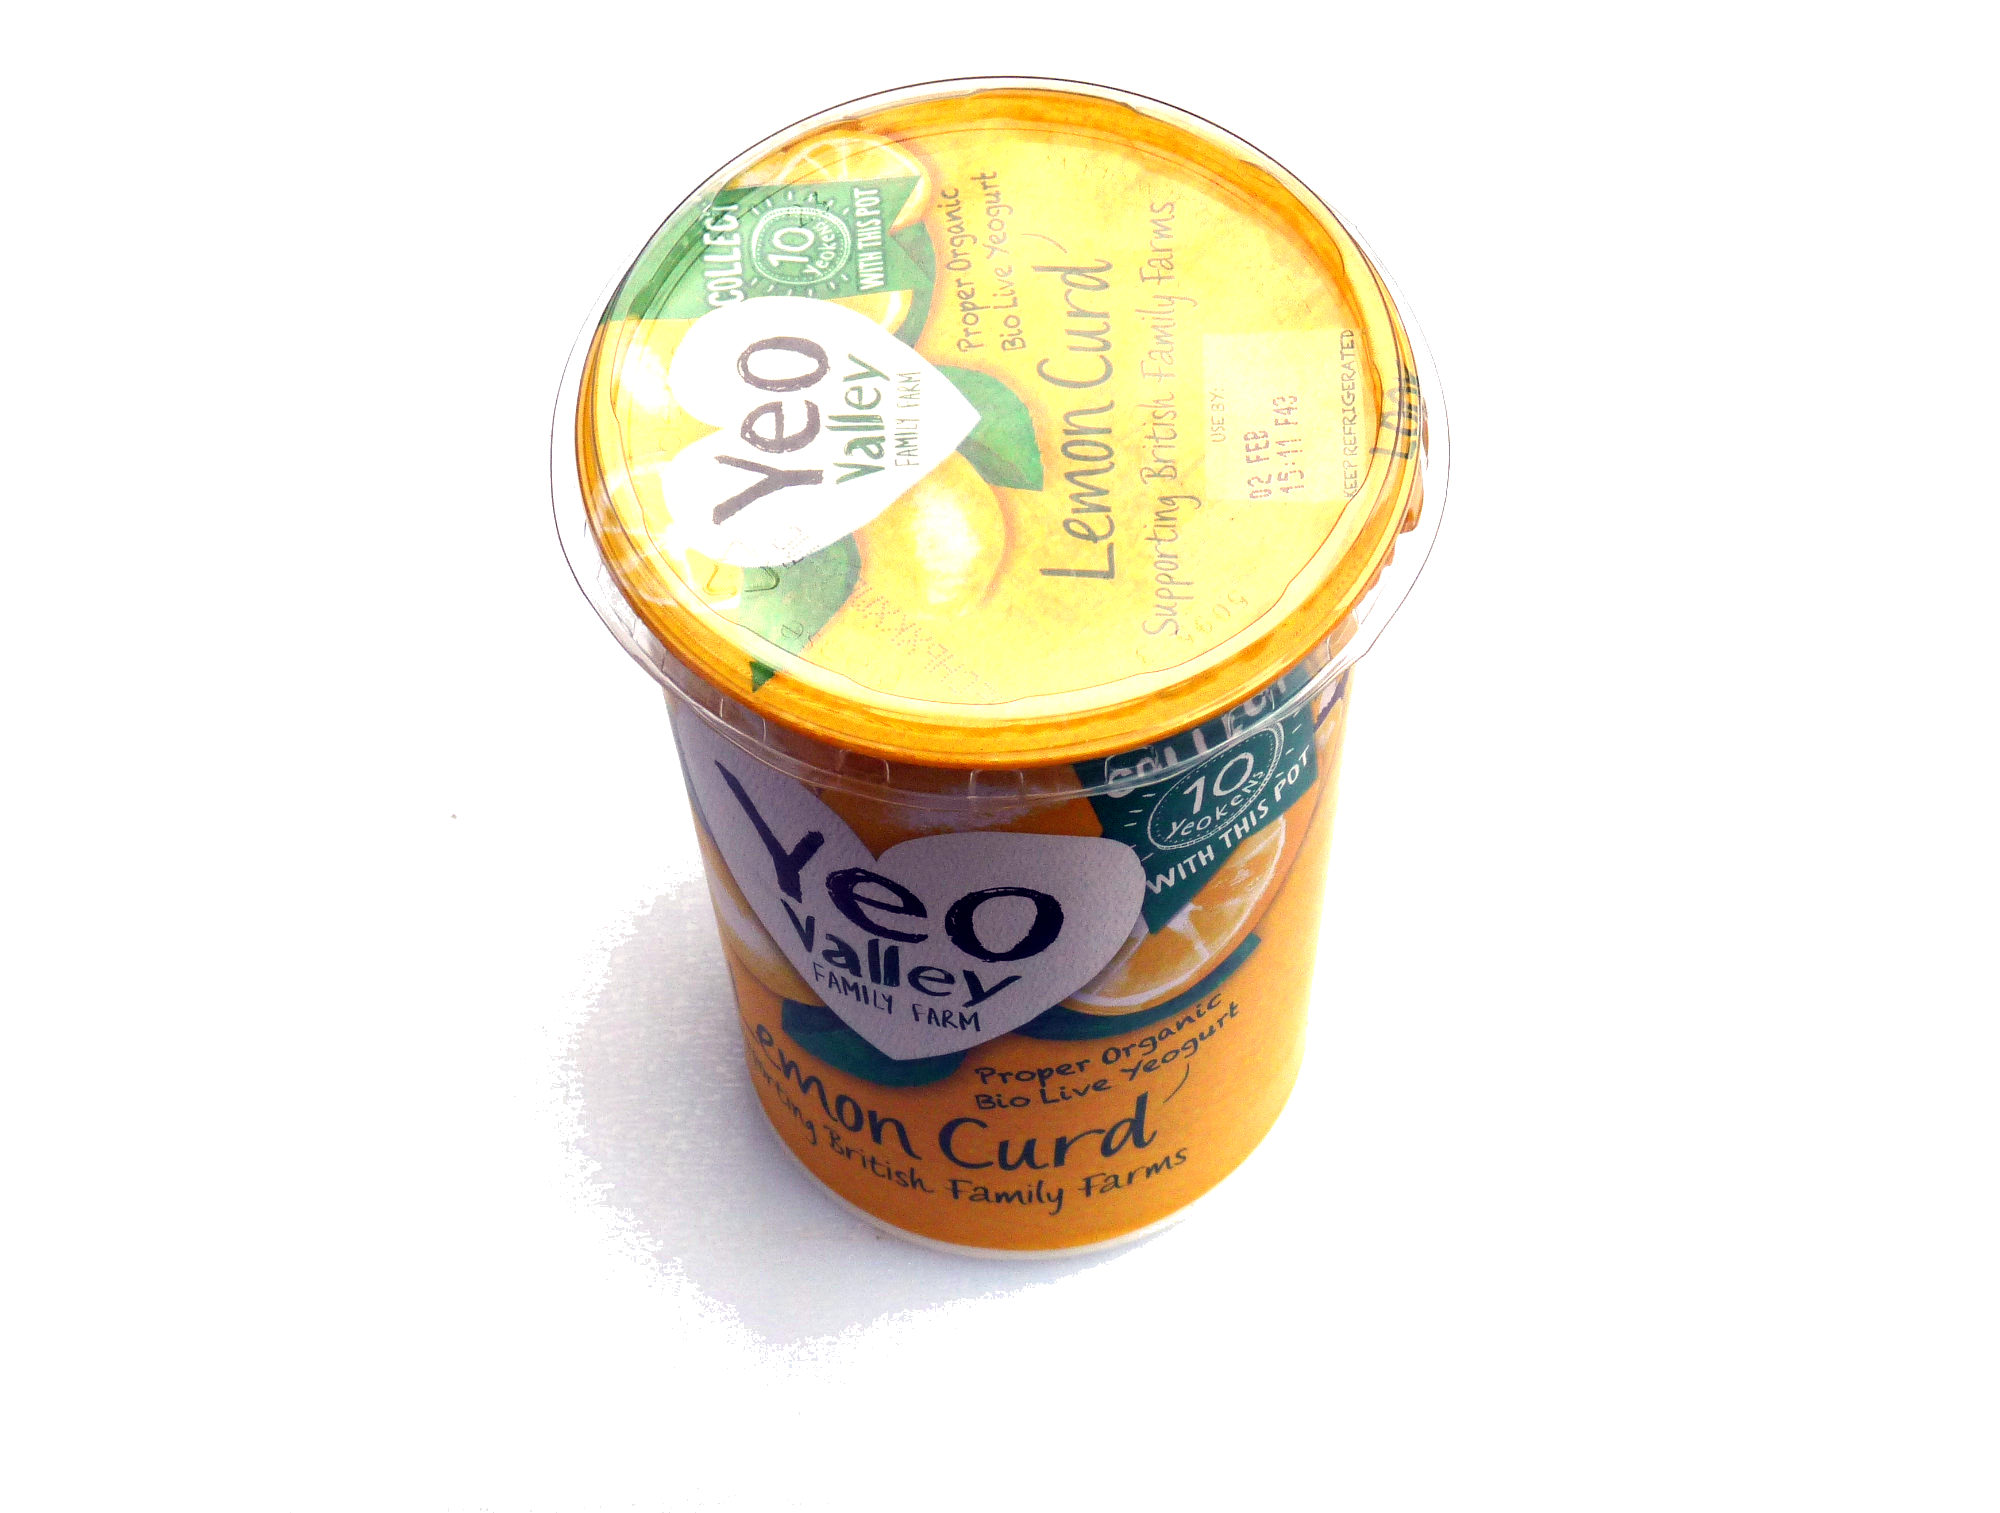 Yeo Valley Lemon Curd Yoghurt - Product - en